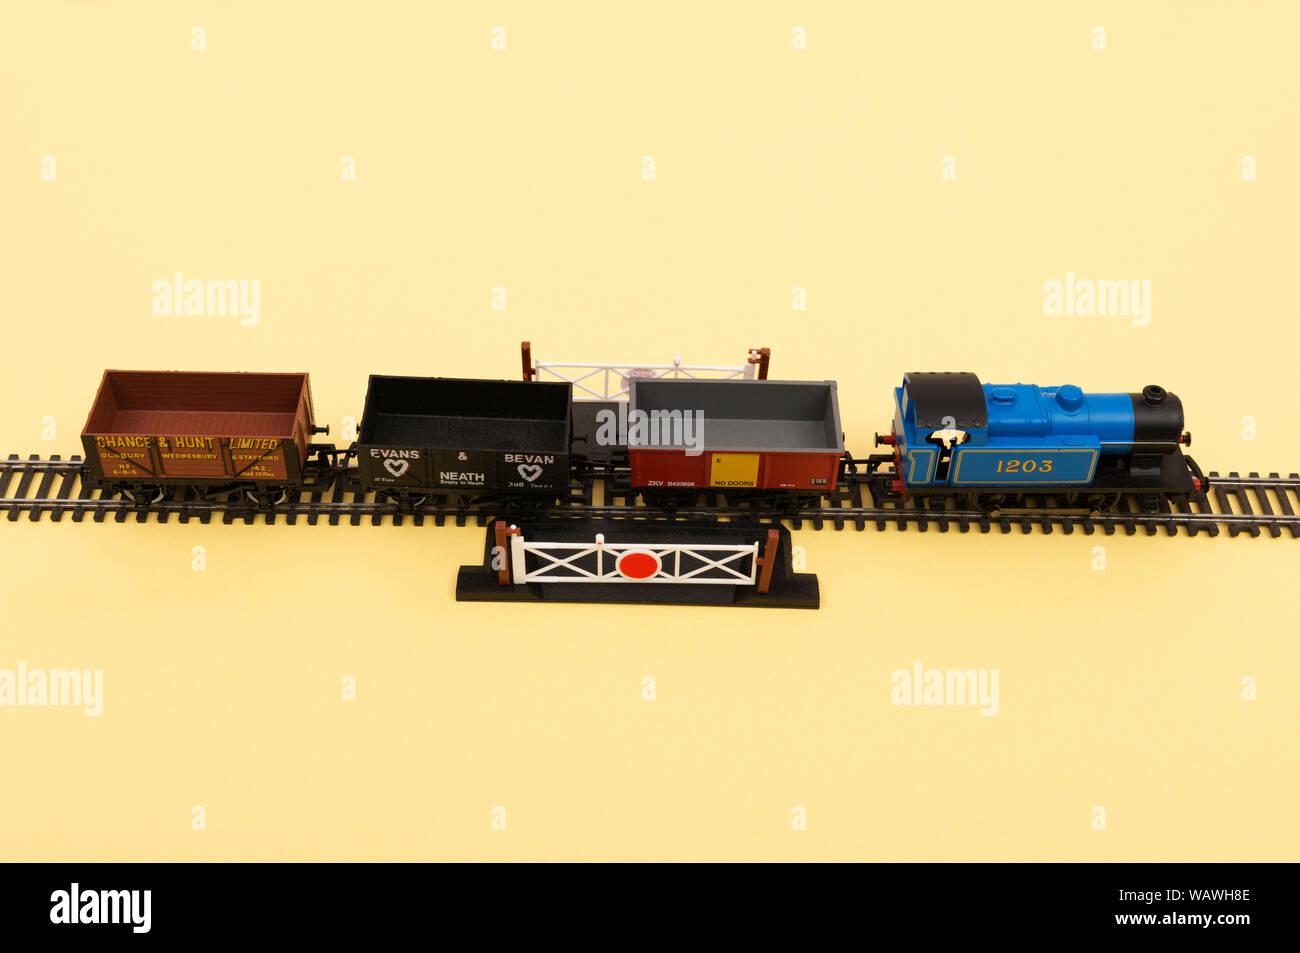 Hornby Train Set Stock Photos & Hornby Train Set Stock